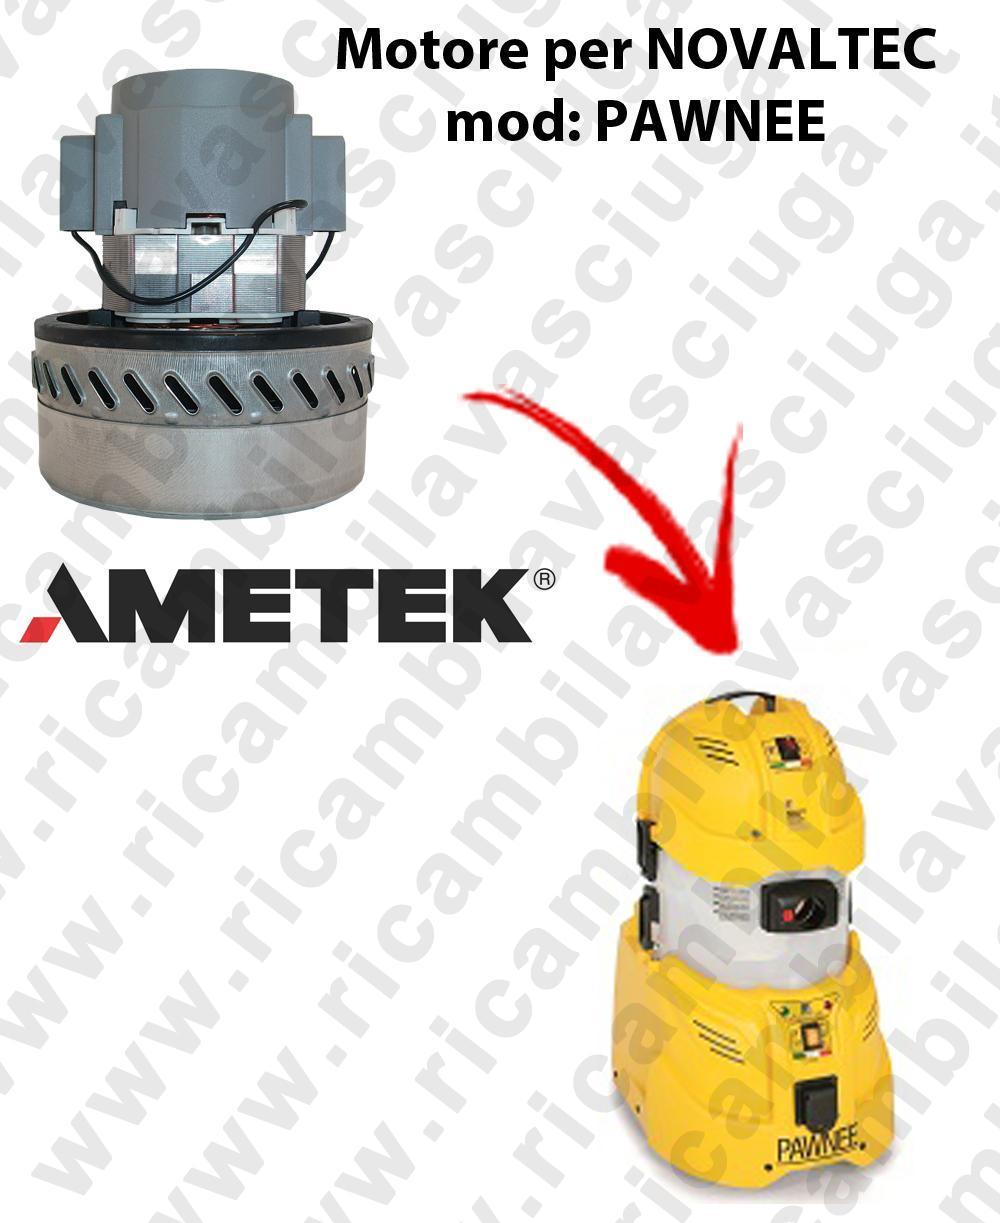 PAWNEE MOTEUR ASPIRATION AMETEK pour aspirateur NOVALTEC